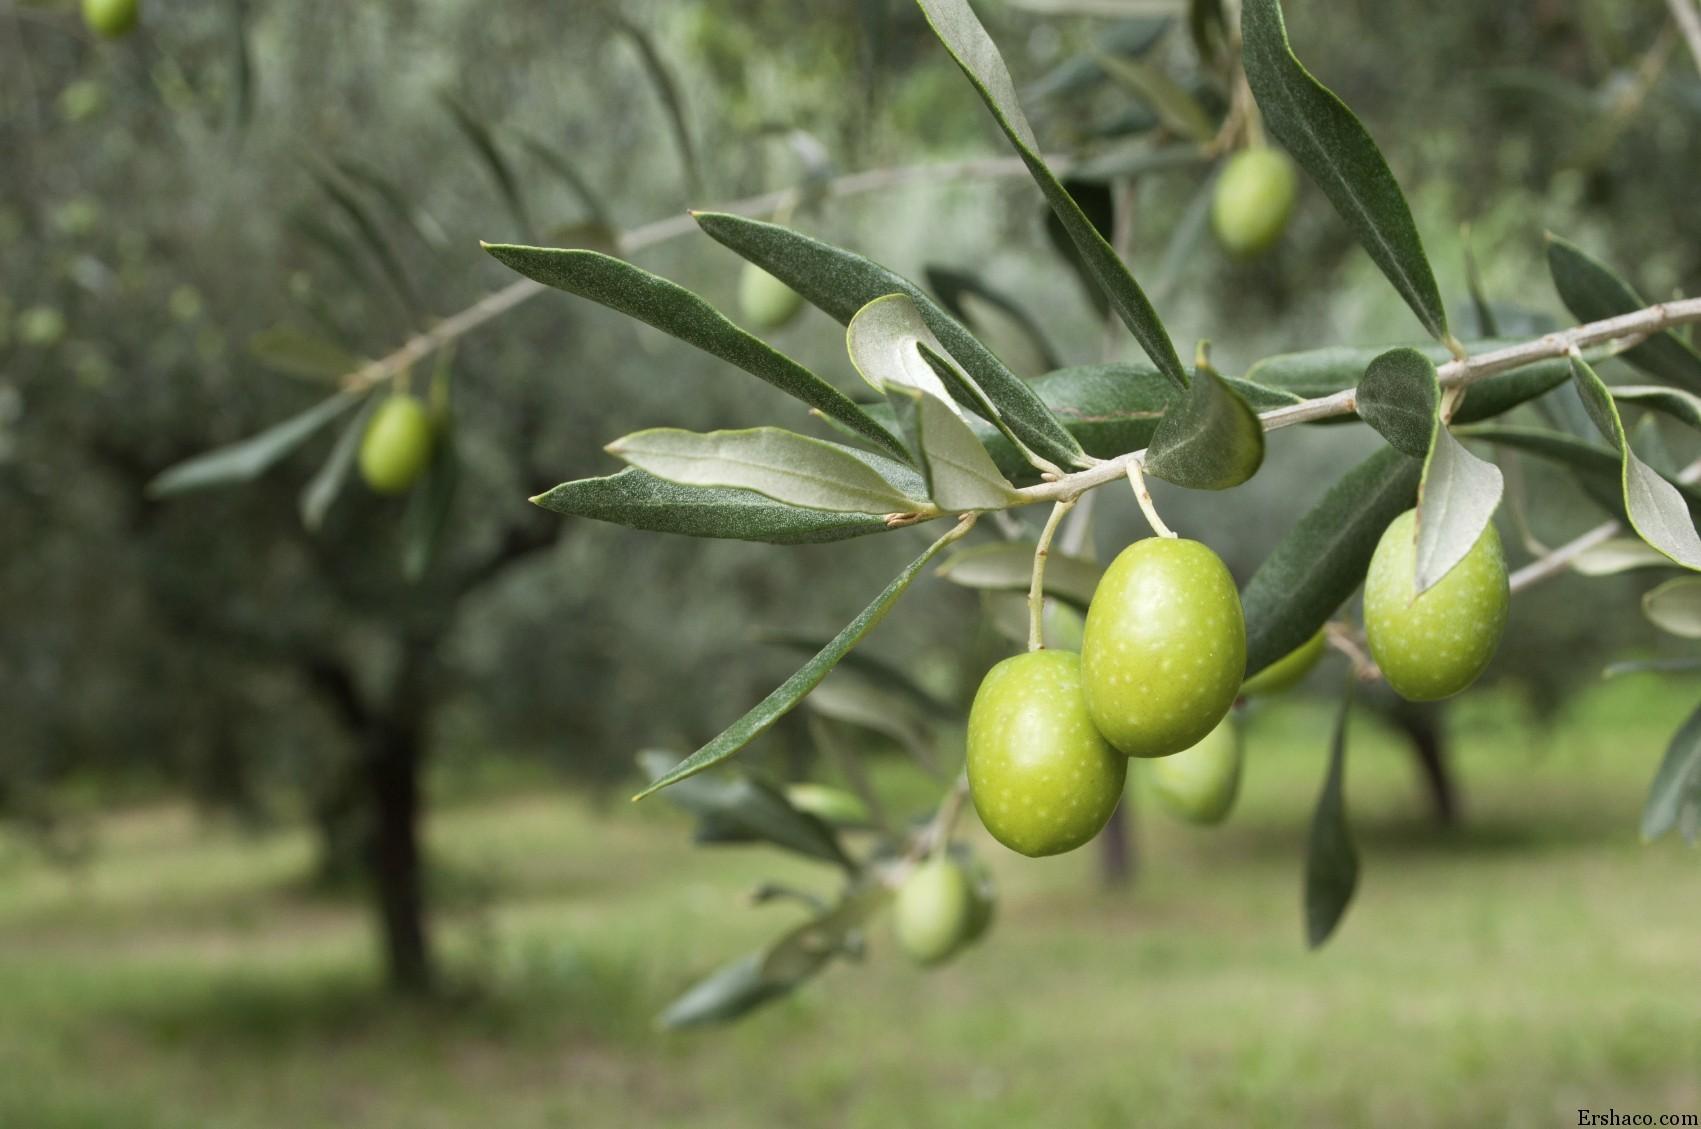 بهترین زمان برای هرس درختان میوه